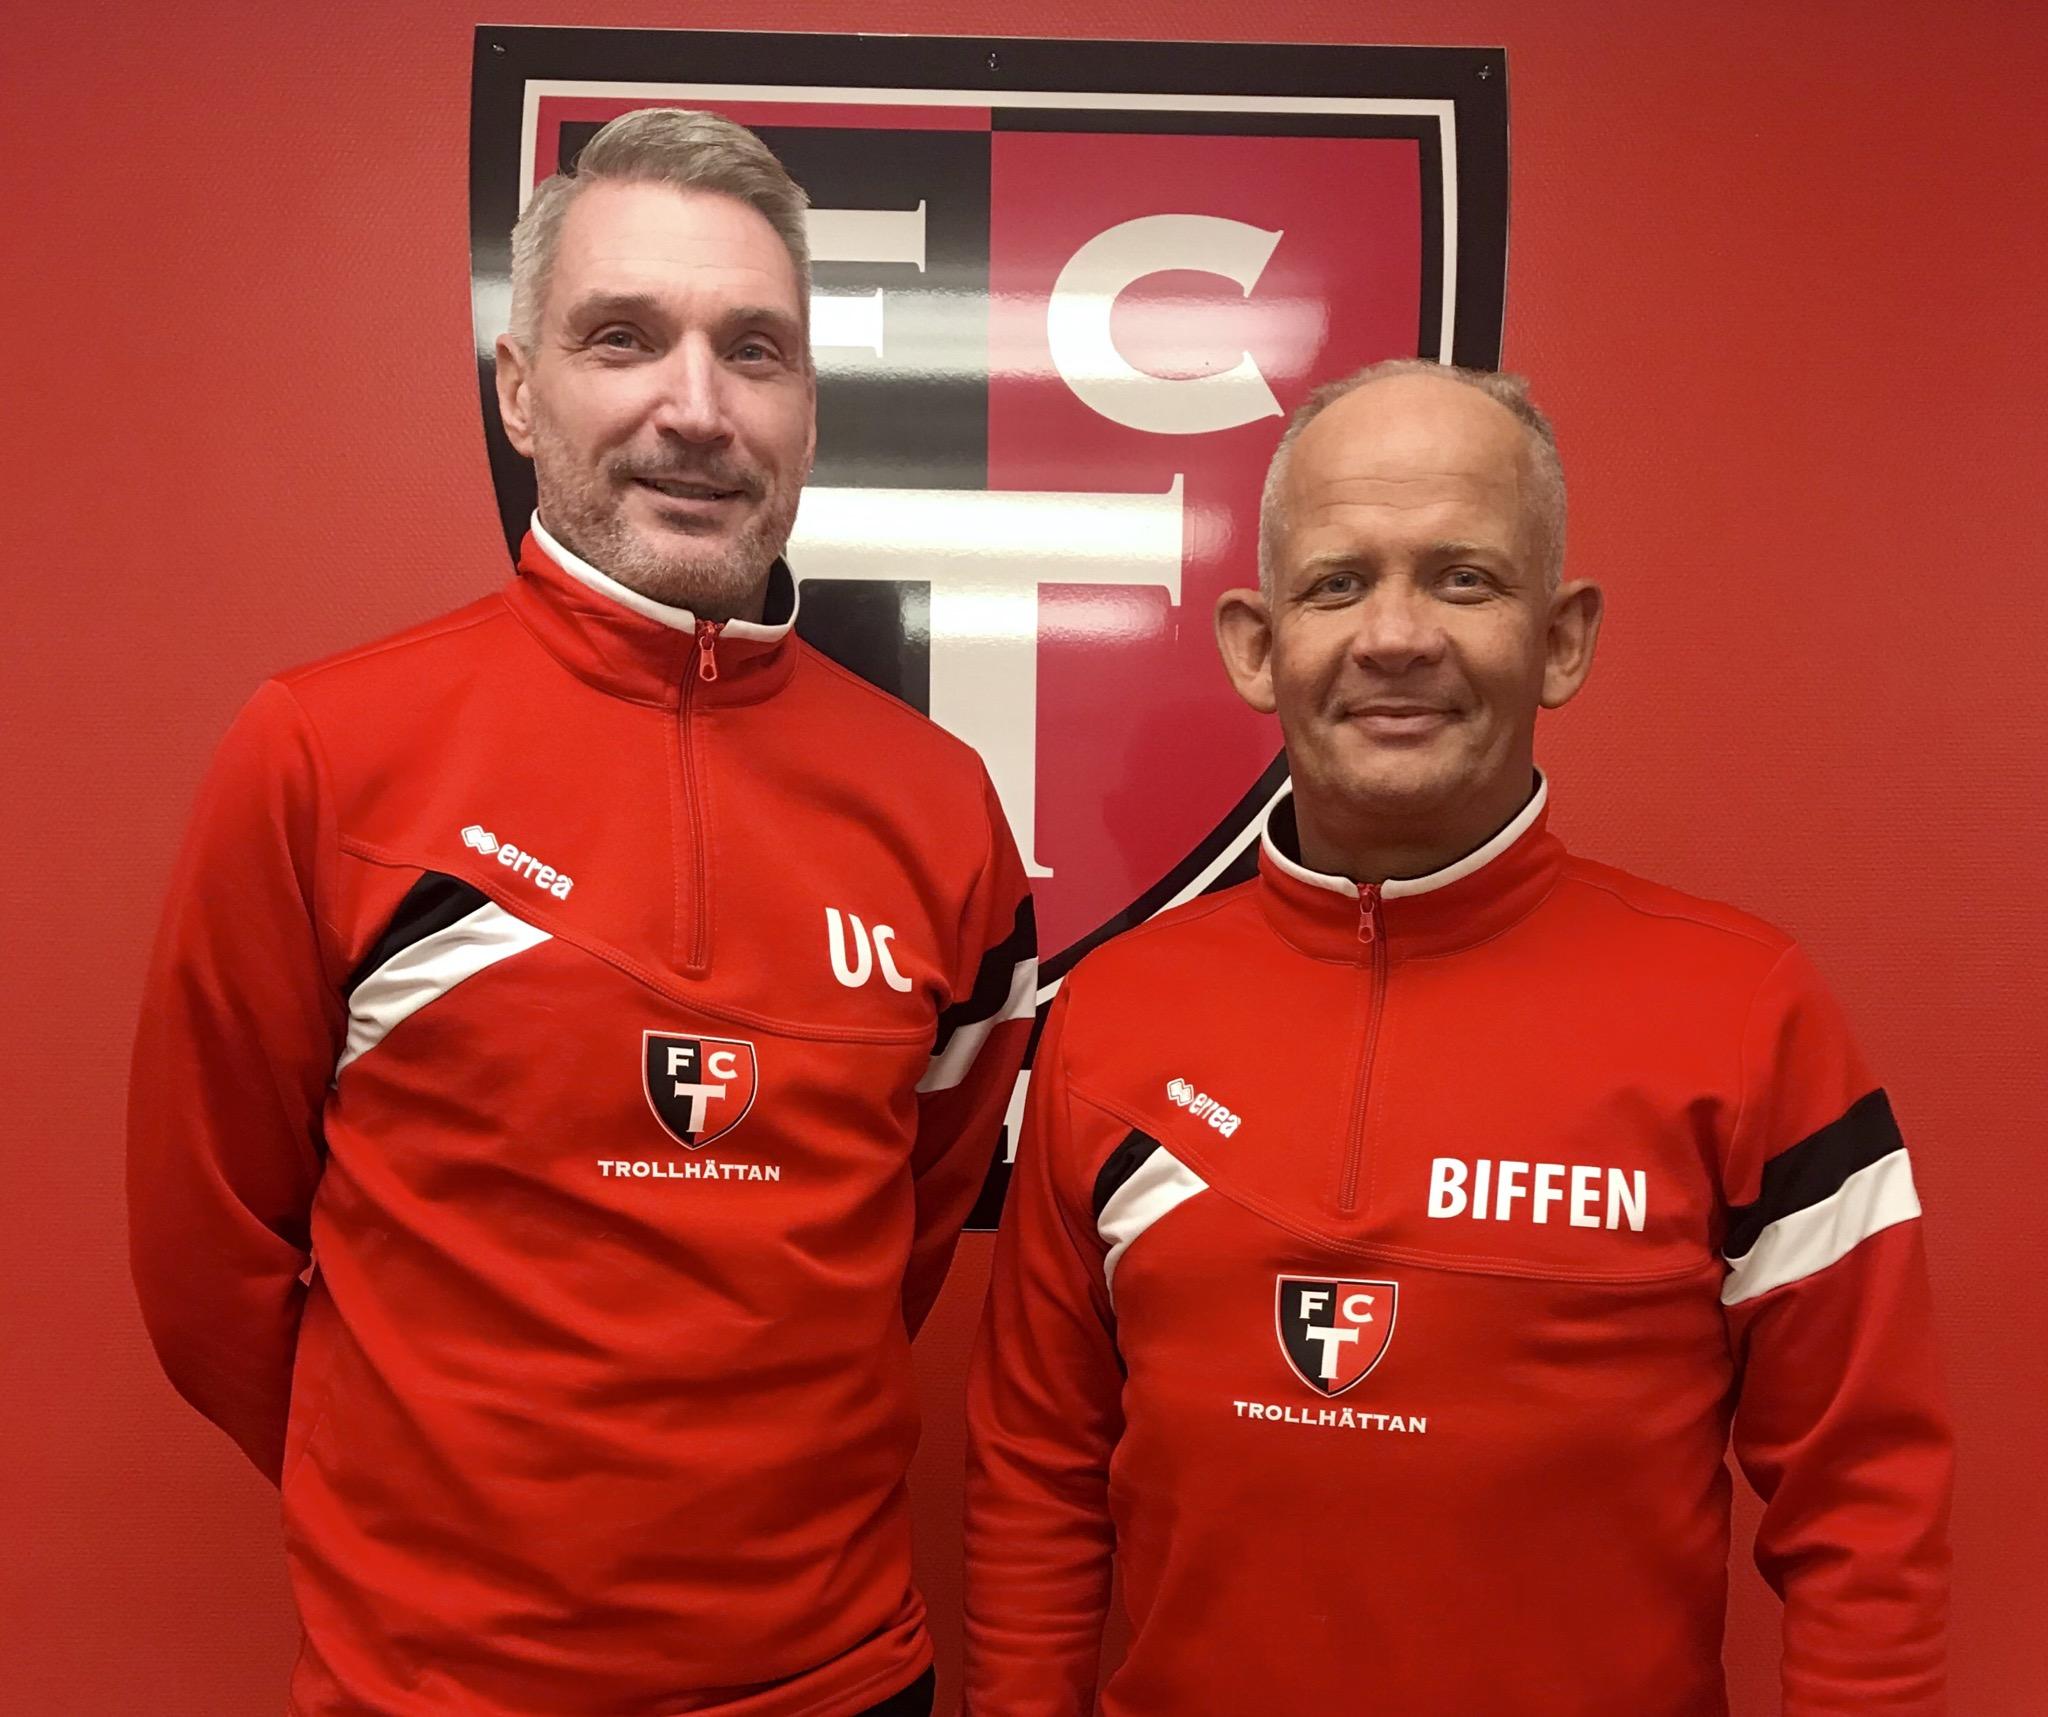 Ulf och Biffen jobbar på i FCT